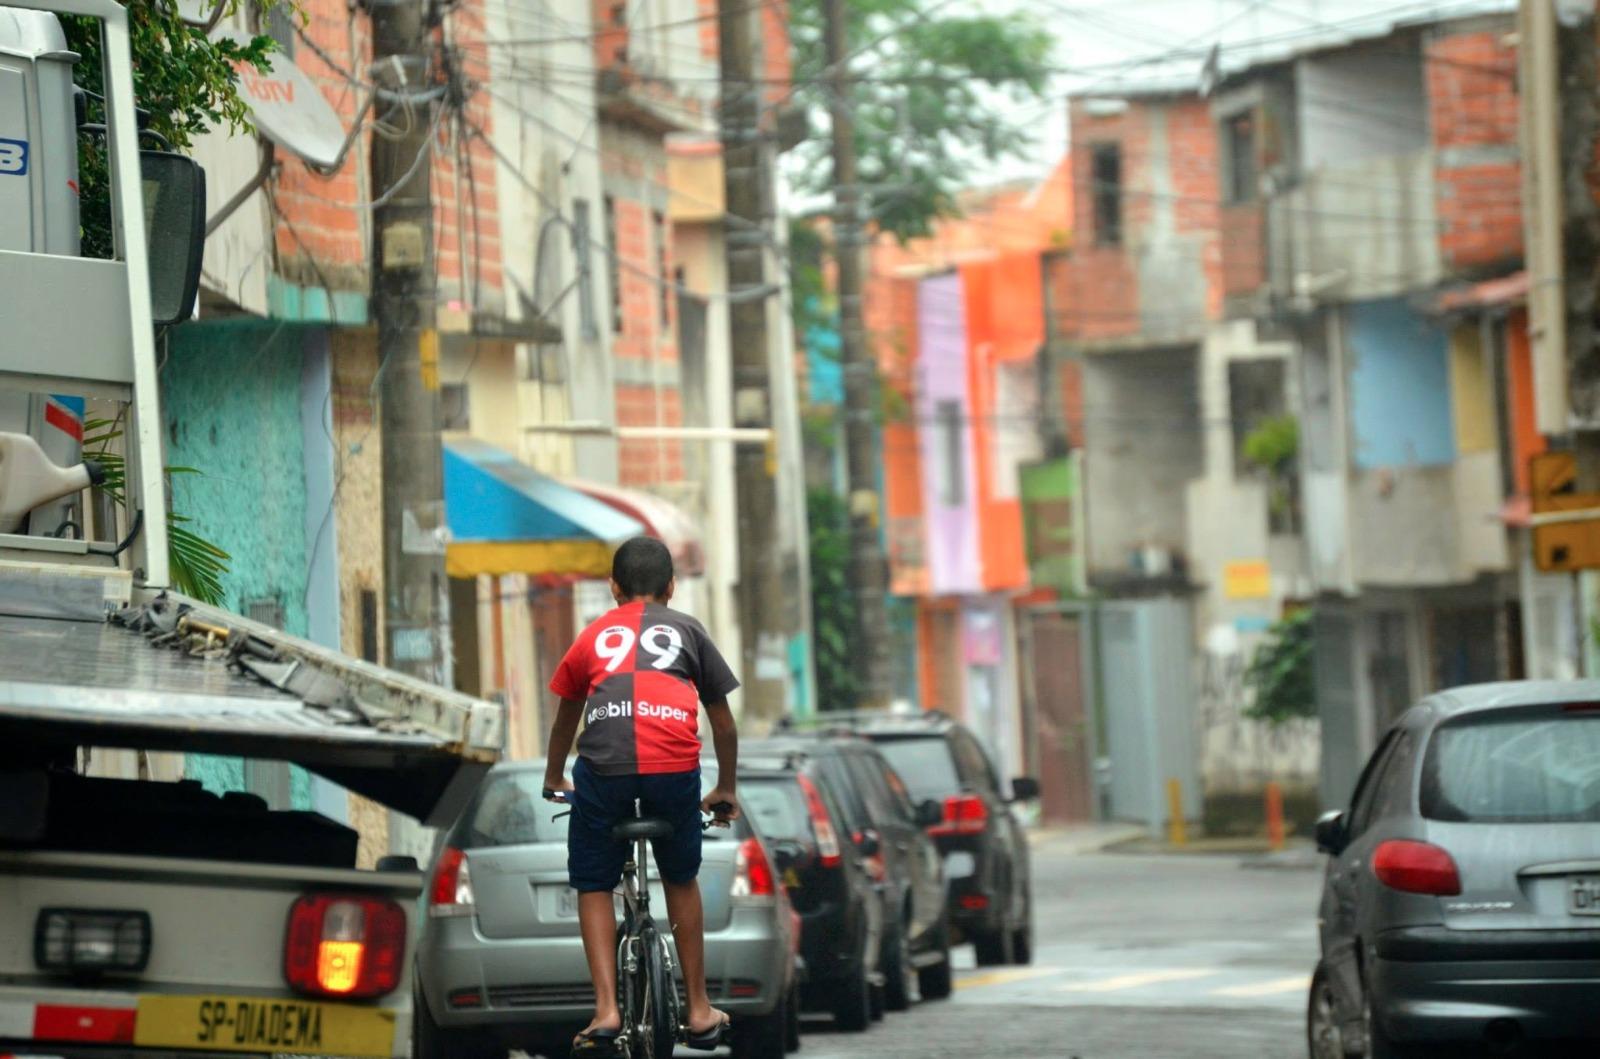 Diadema, São Paulo, Brazil. Photo by Danilo Barbiero.